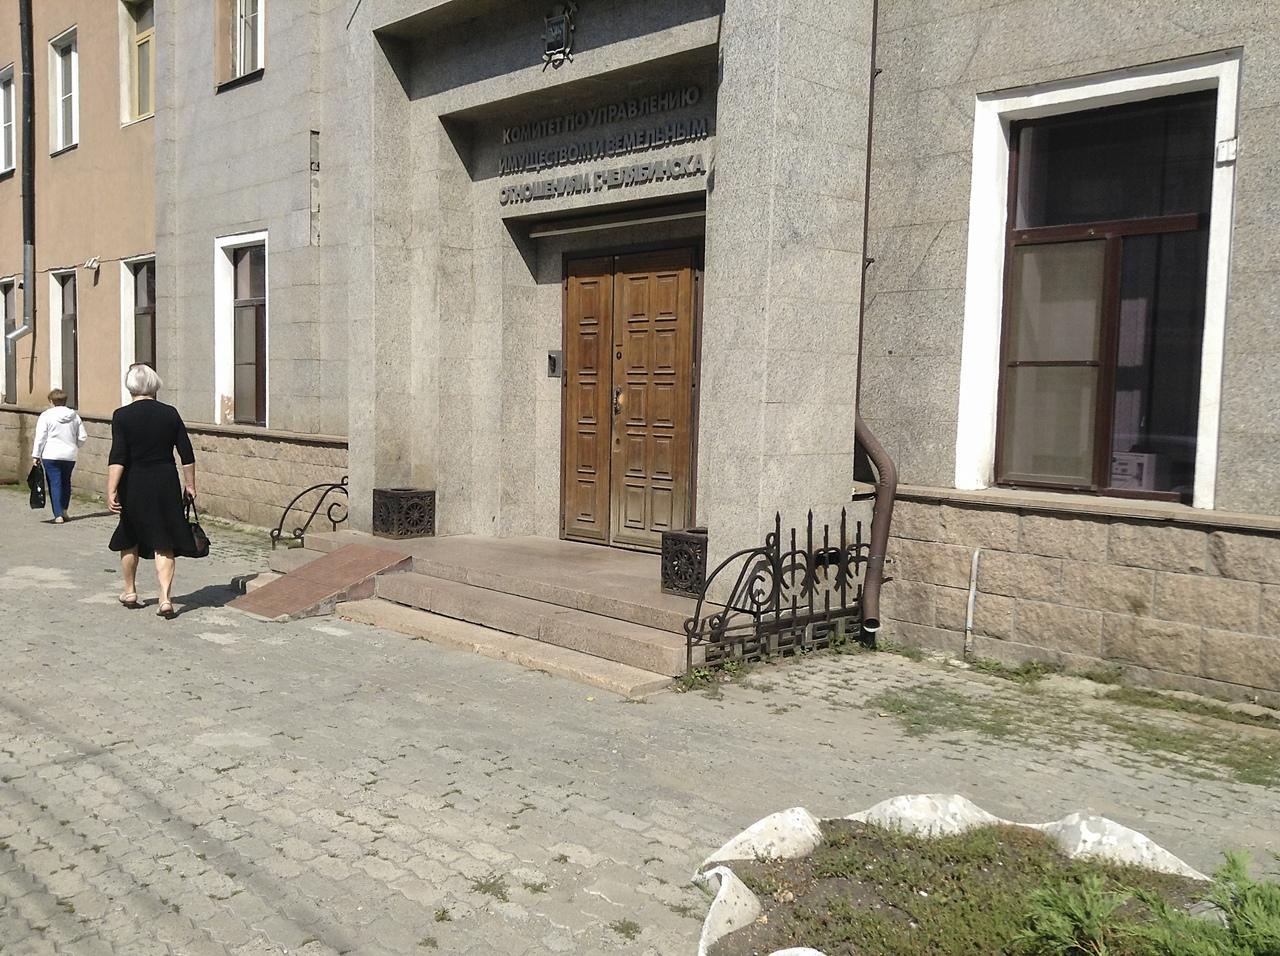 В Челябинске прокуратура встала на сторону 94-летнего ветерана Великой Отечественной войны Ивана